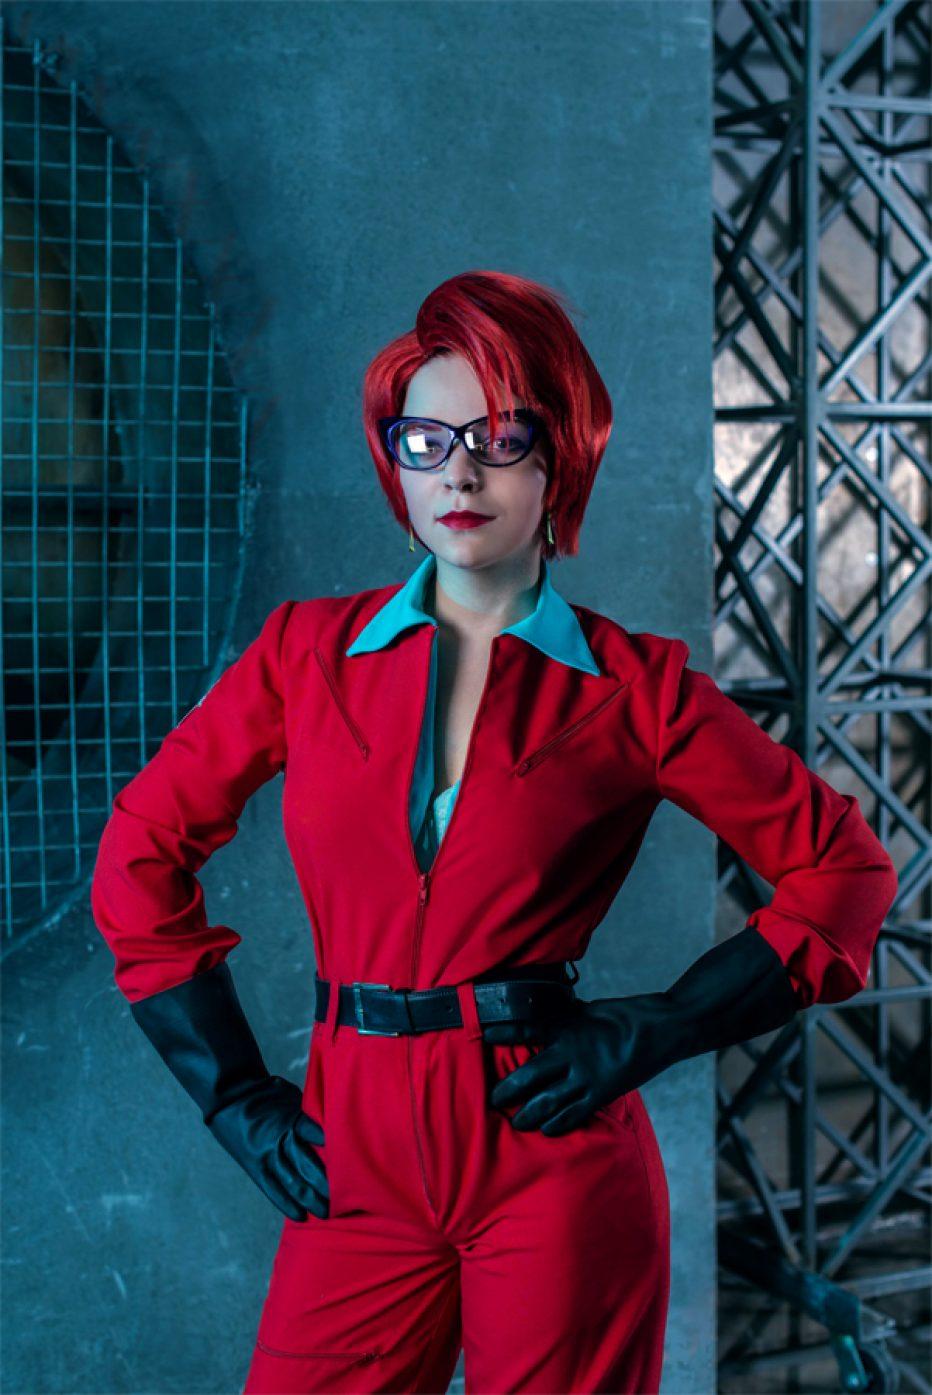 Ghostbusters-Janine-Melnitz-Cosplay-Gamers-Heroes-2.jpg